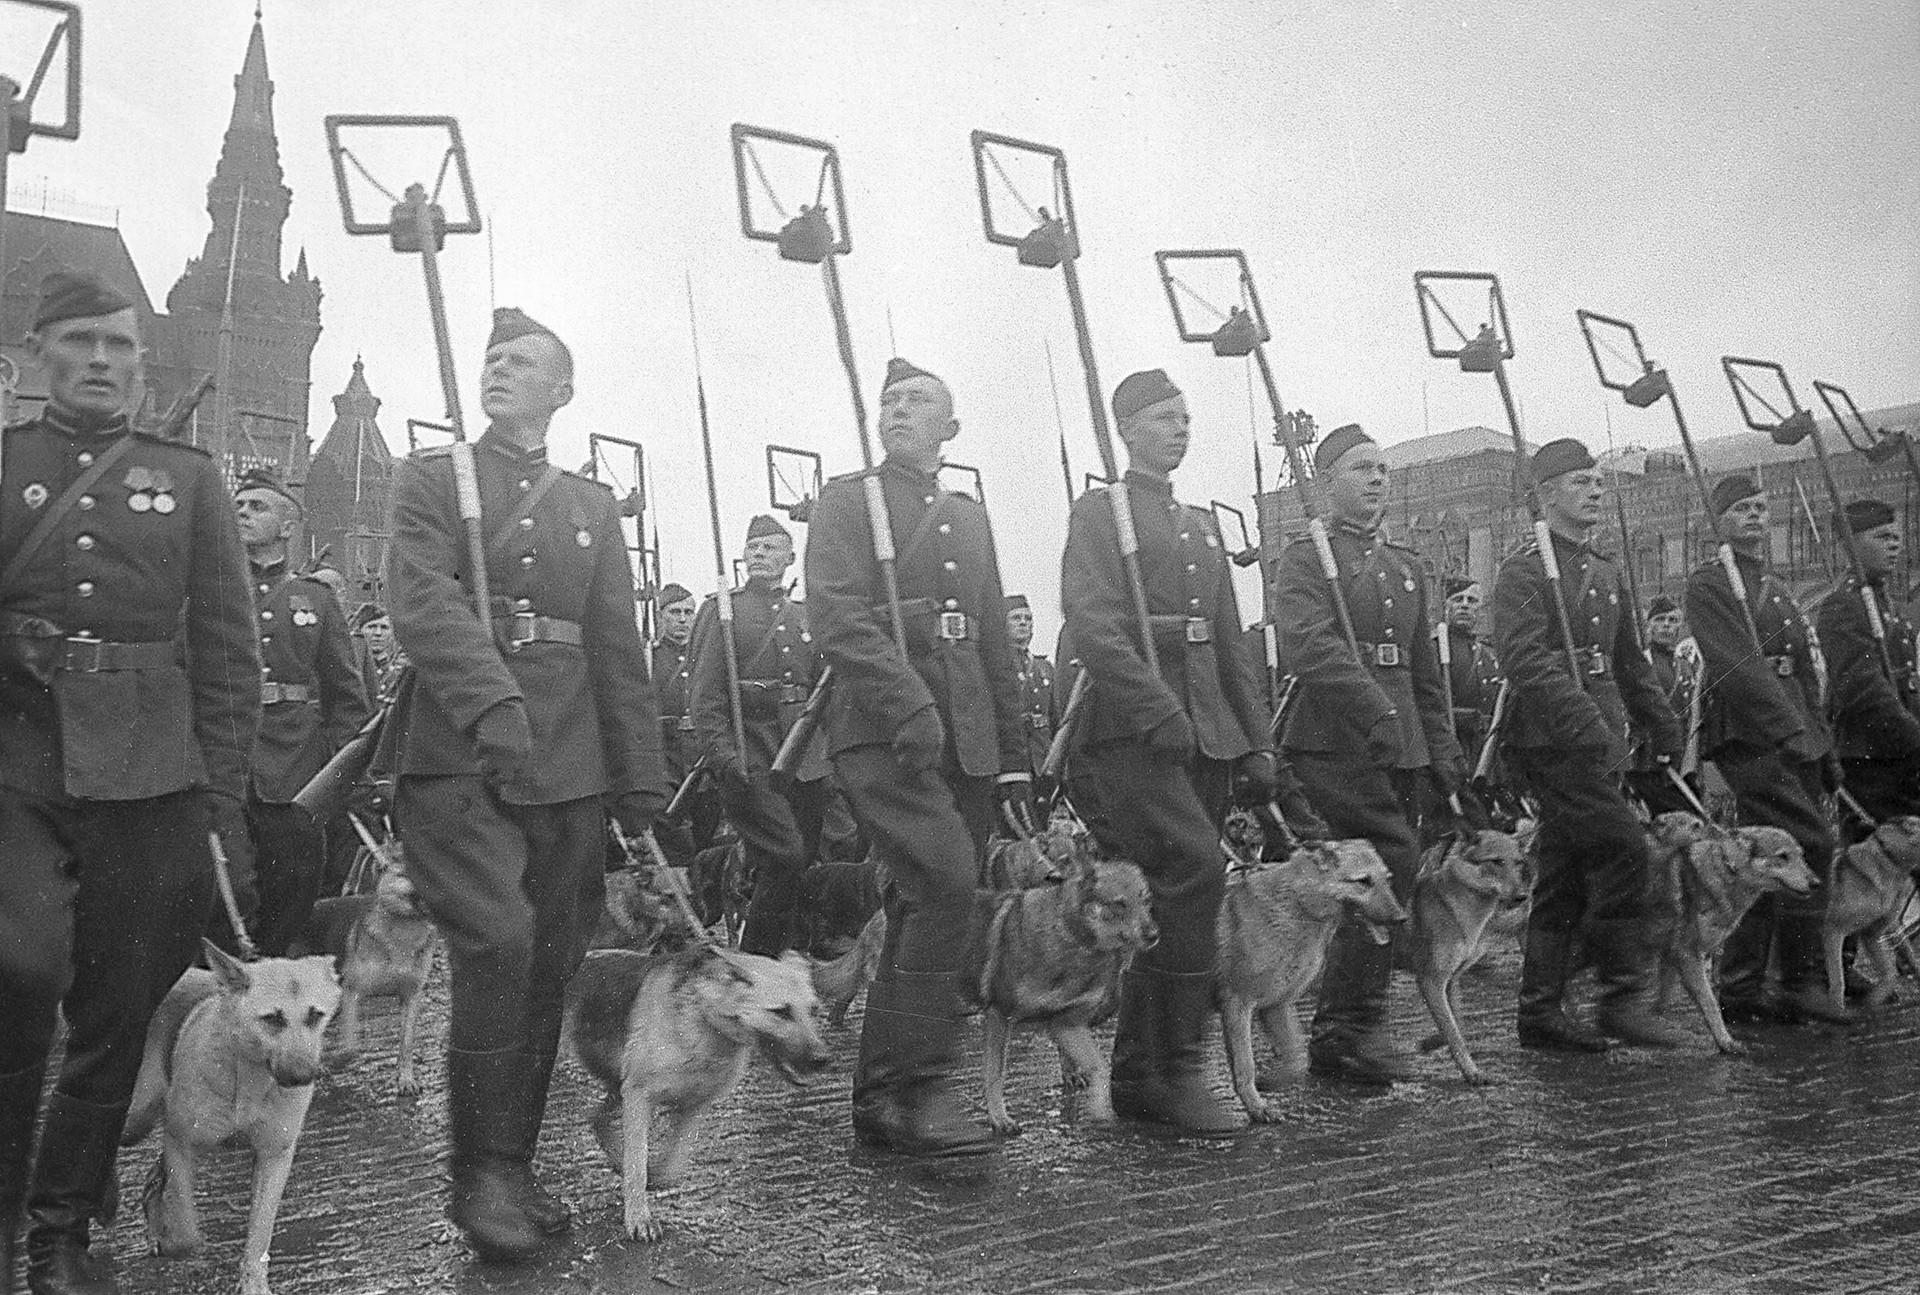 Припадници минерске службе са псима на Паради Победе на Црвеном тргу, Москва.